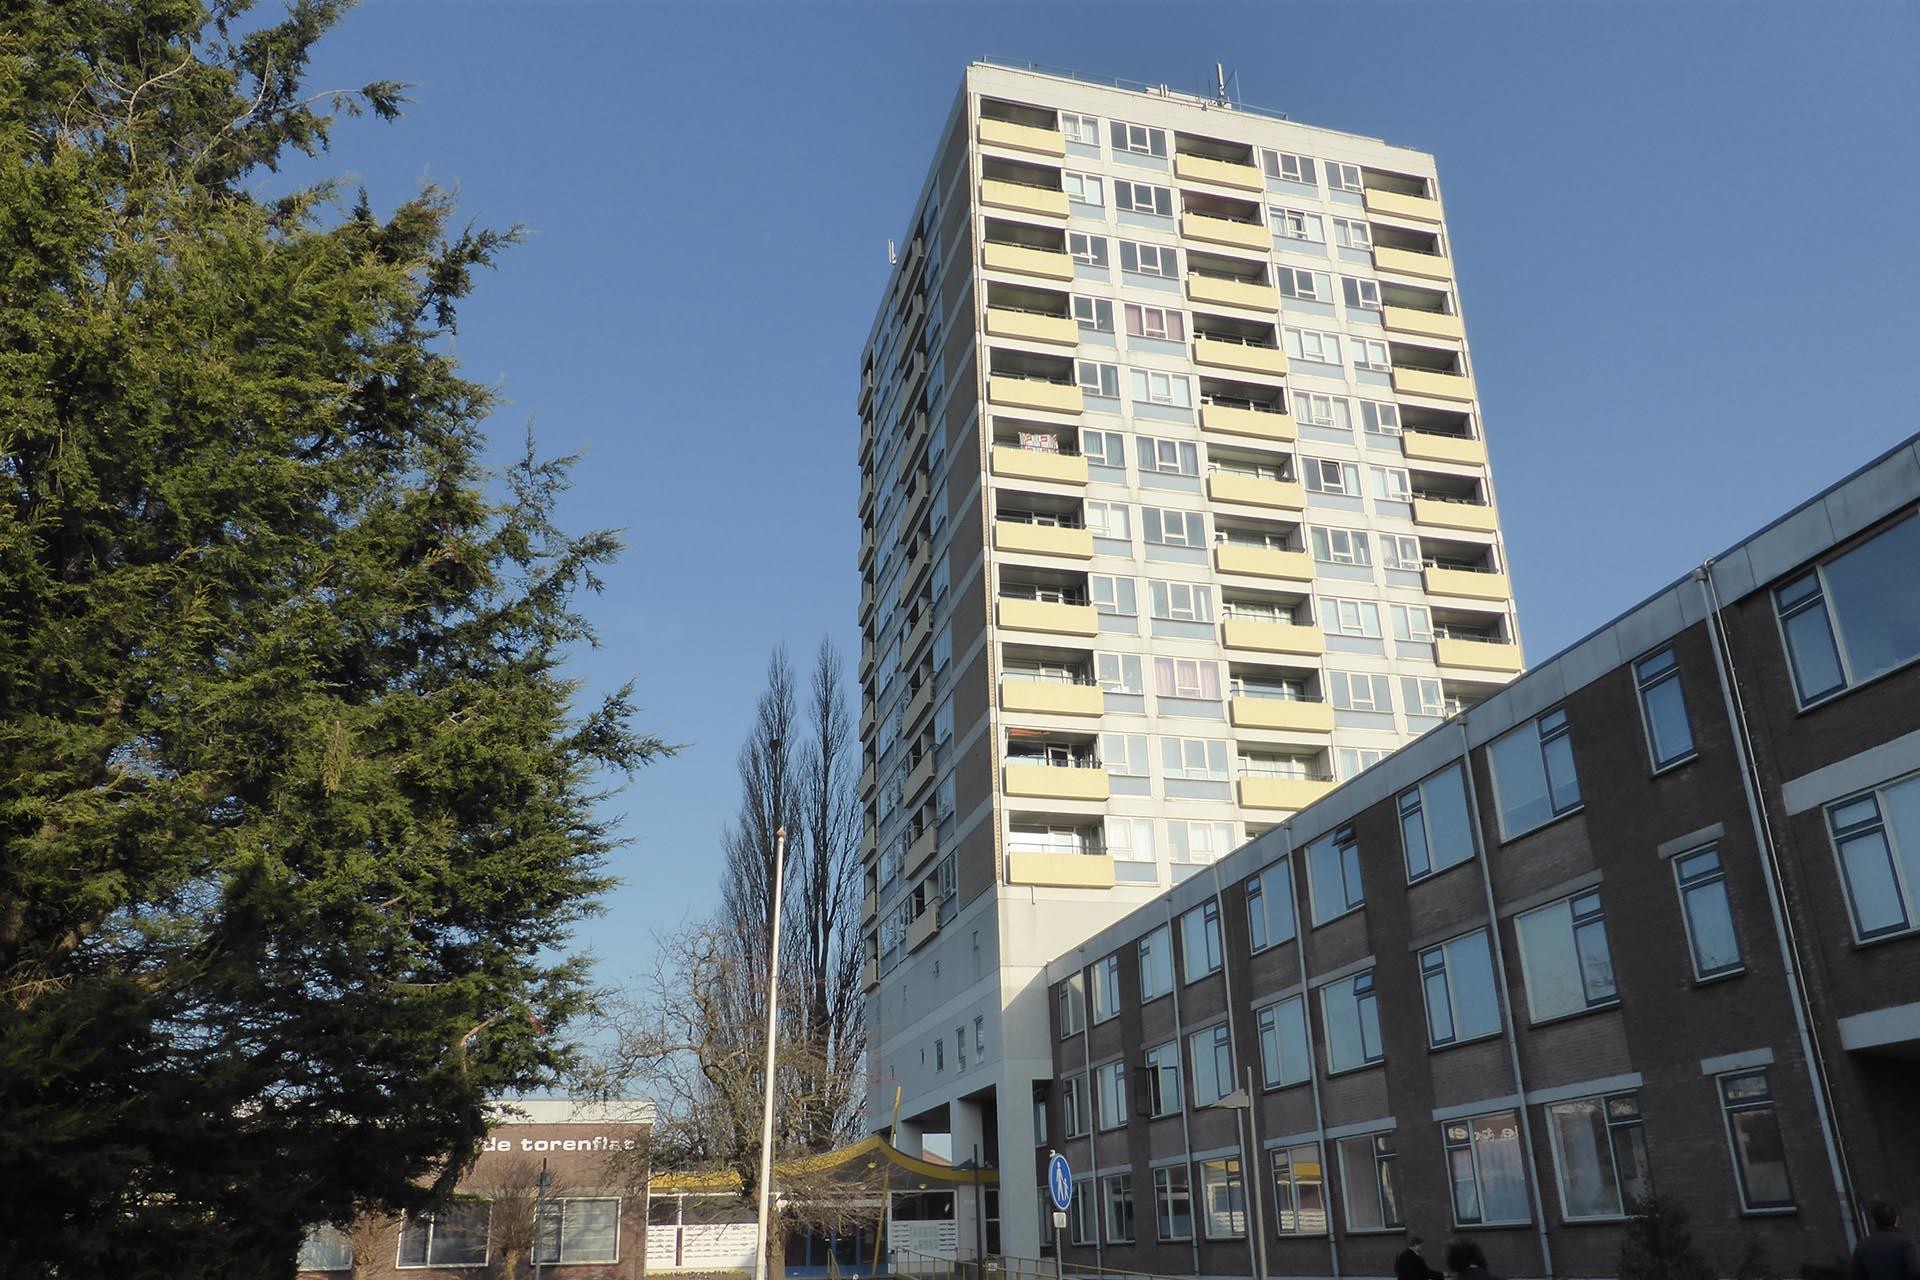 De Torenflat in Gorinchem, een project van Heykon.